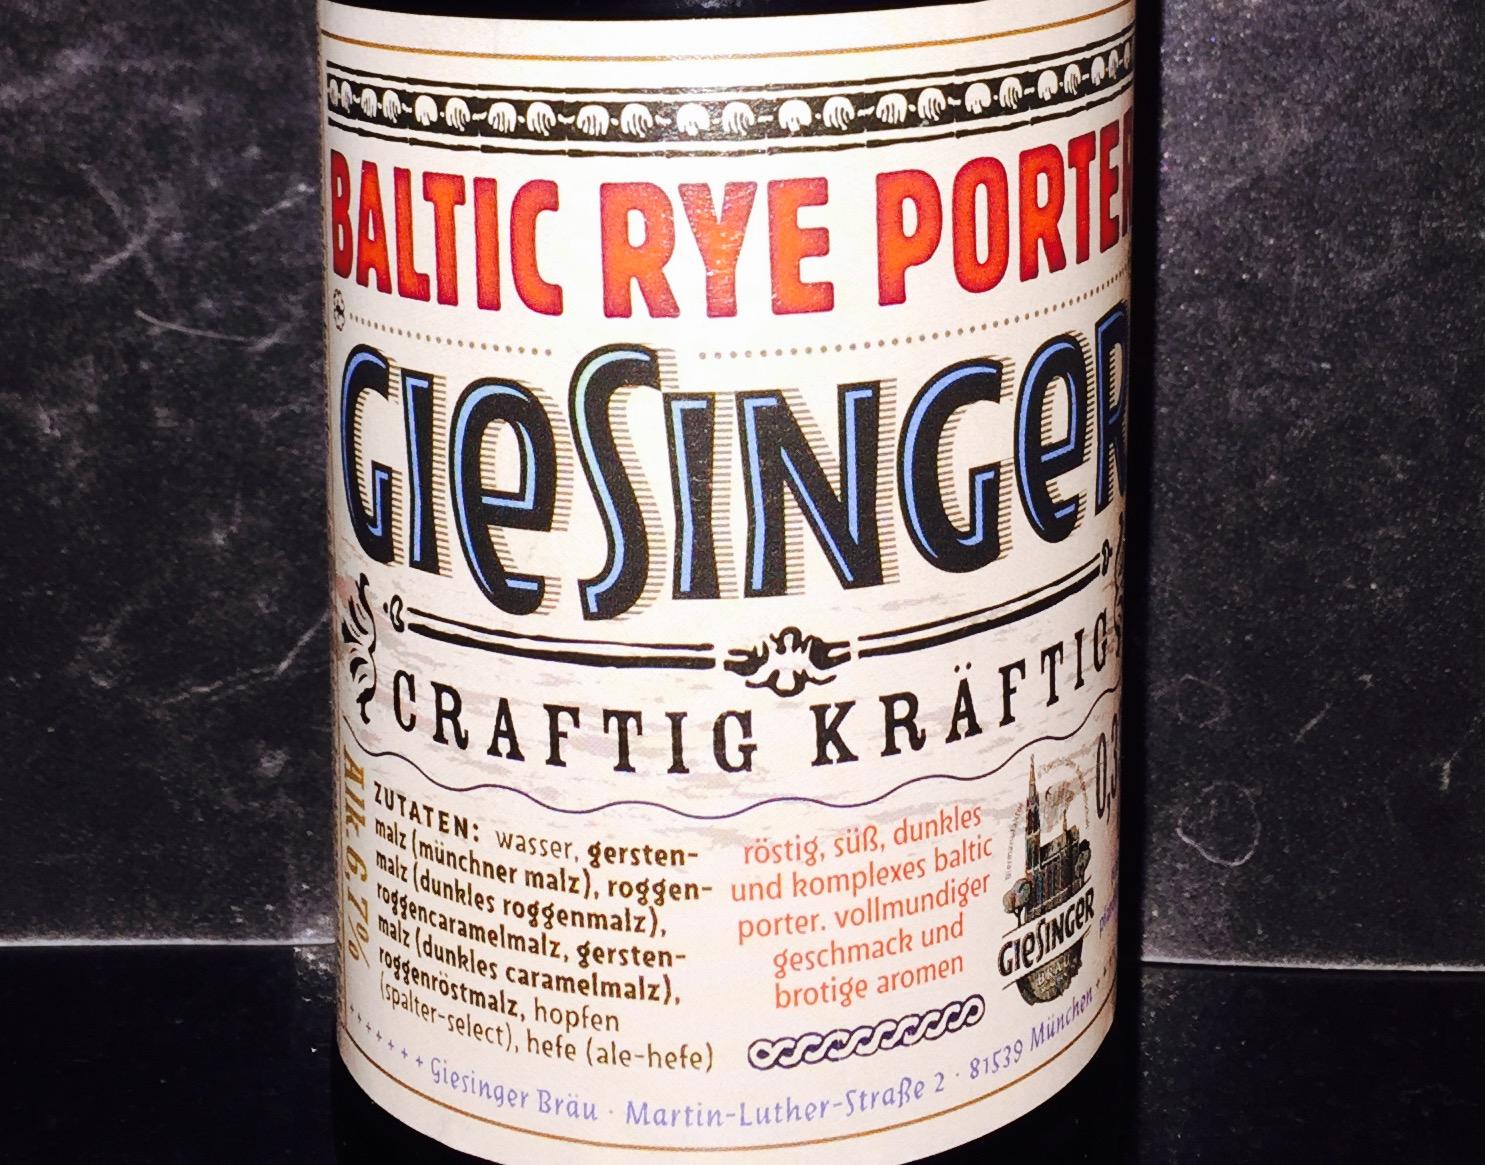 Giesinger - Baltic Rye Porter